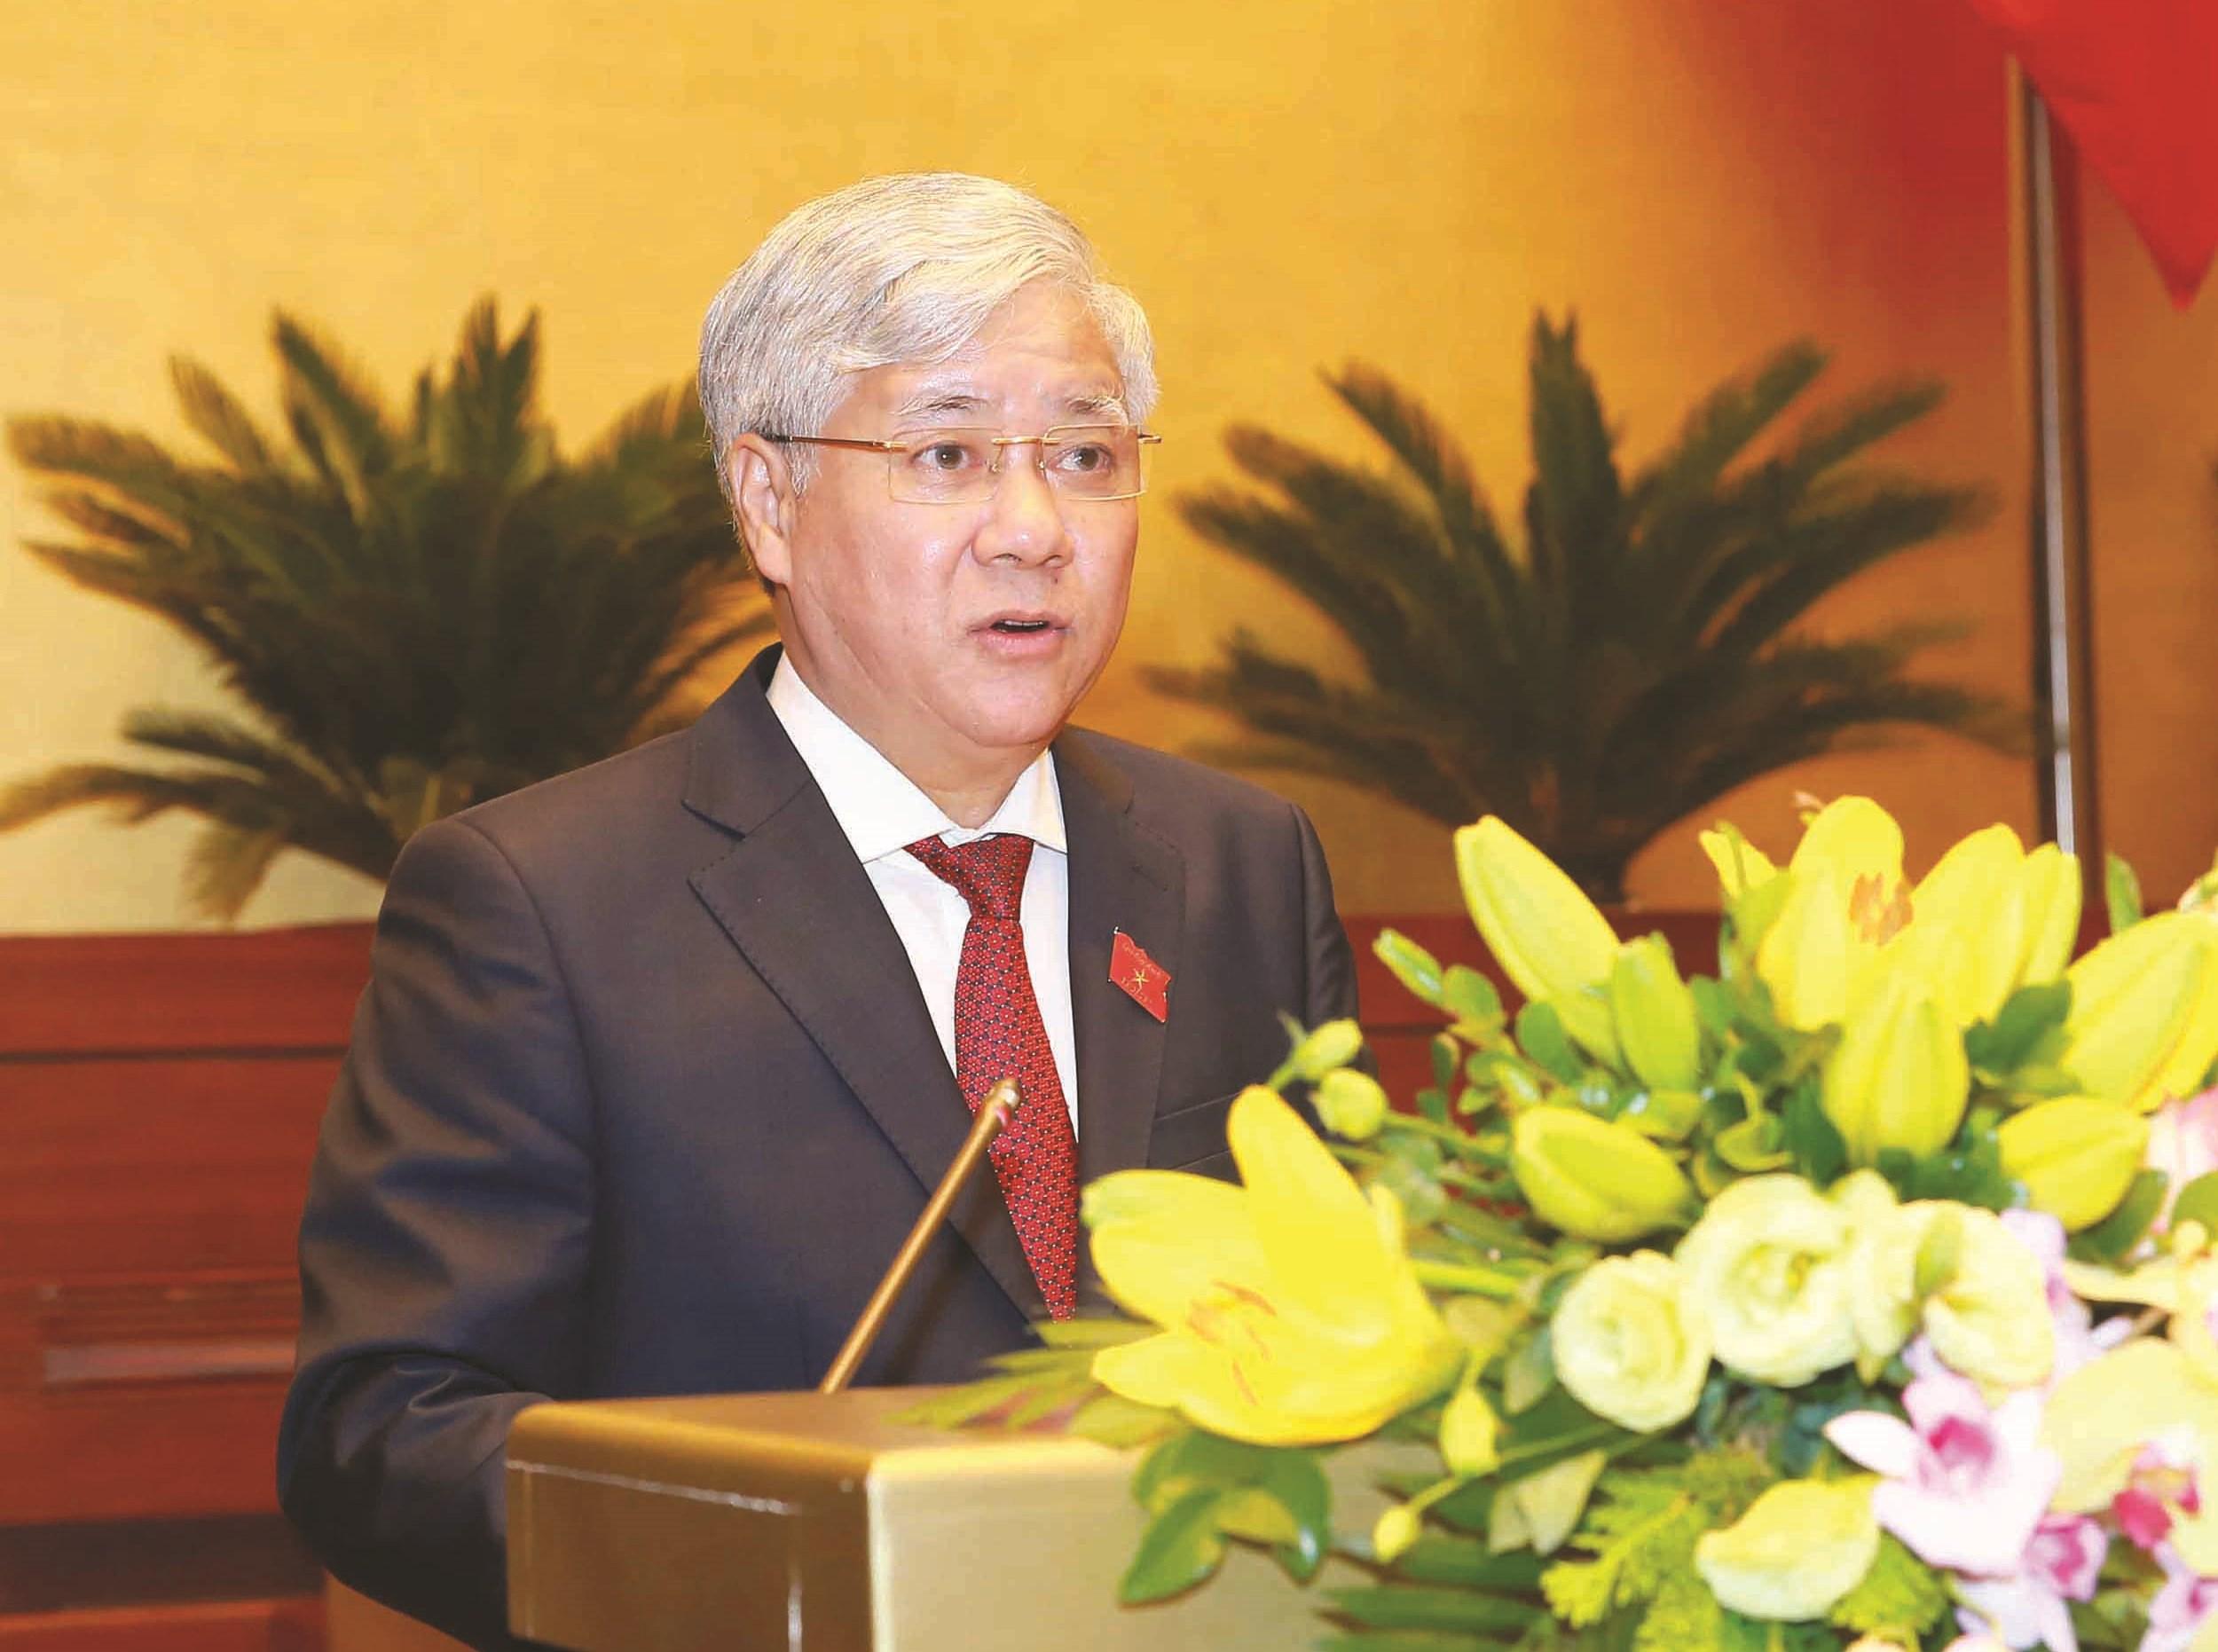 Thừa ủy quyên của Thủ tướng Chính phủ, Chủ nhiệm Ủy ban Dân tộc Đỗ Văn Chiến trình bày Tờ trình phê duyệt Đề án trước Quốc hội